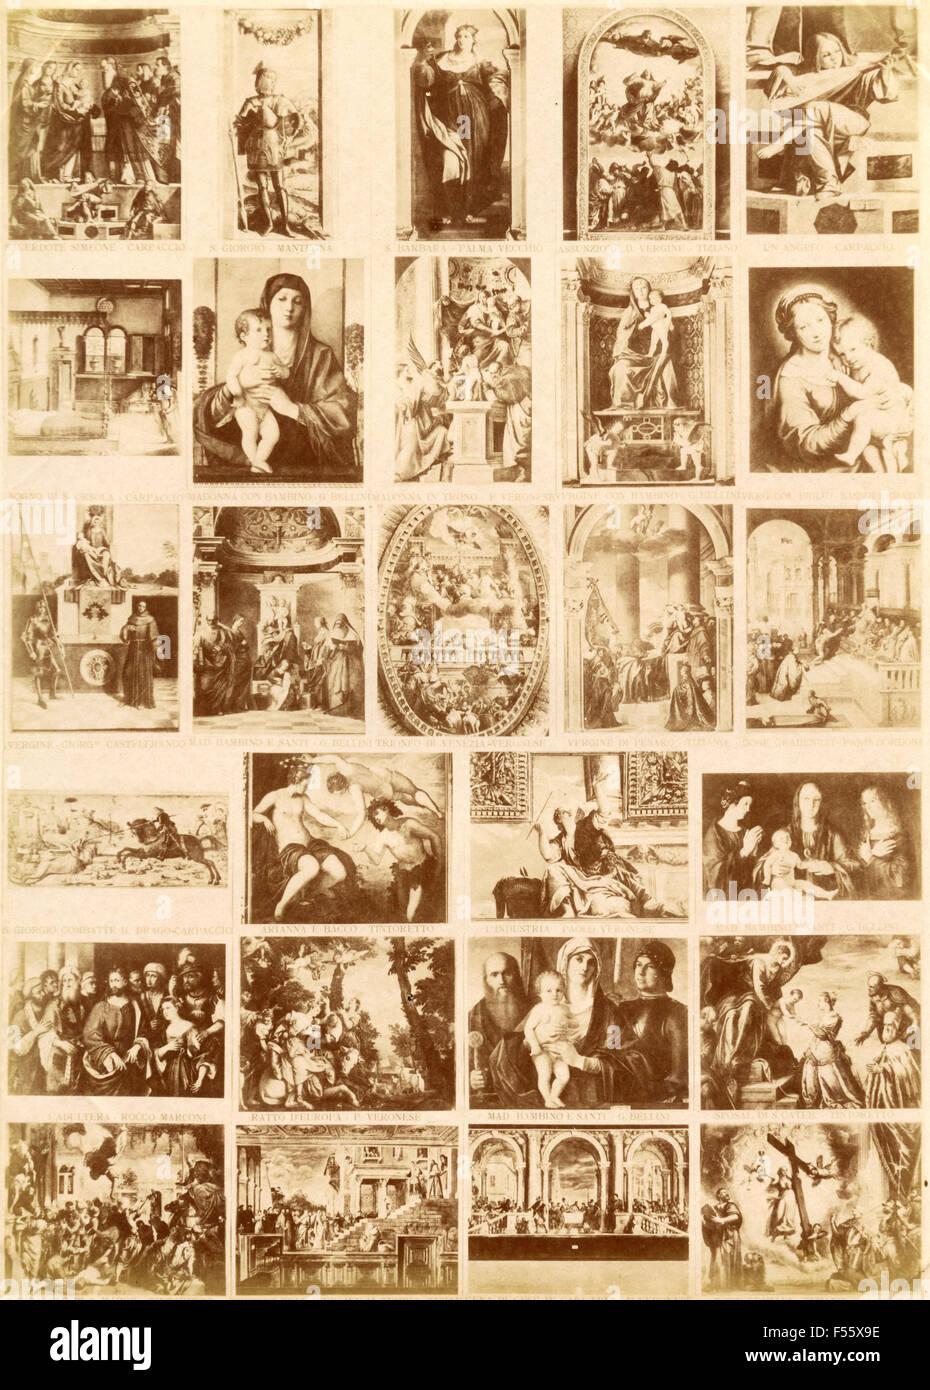 Raccolta di immagini sacre e quadri famosi Immagini Stock